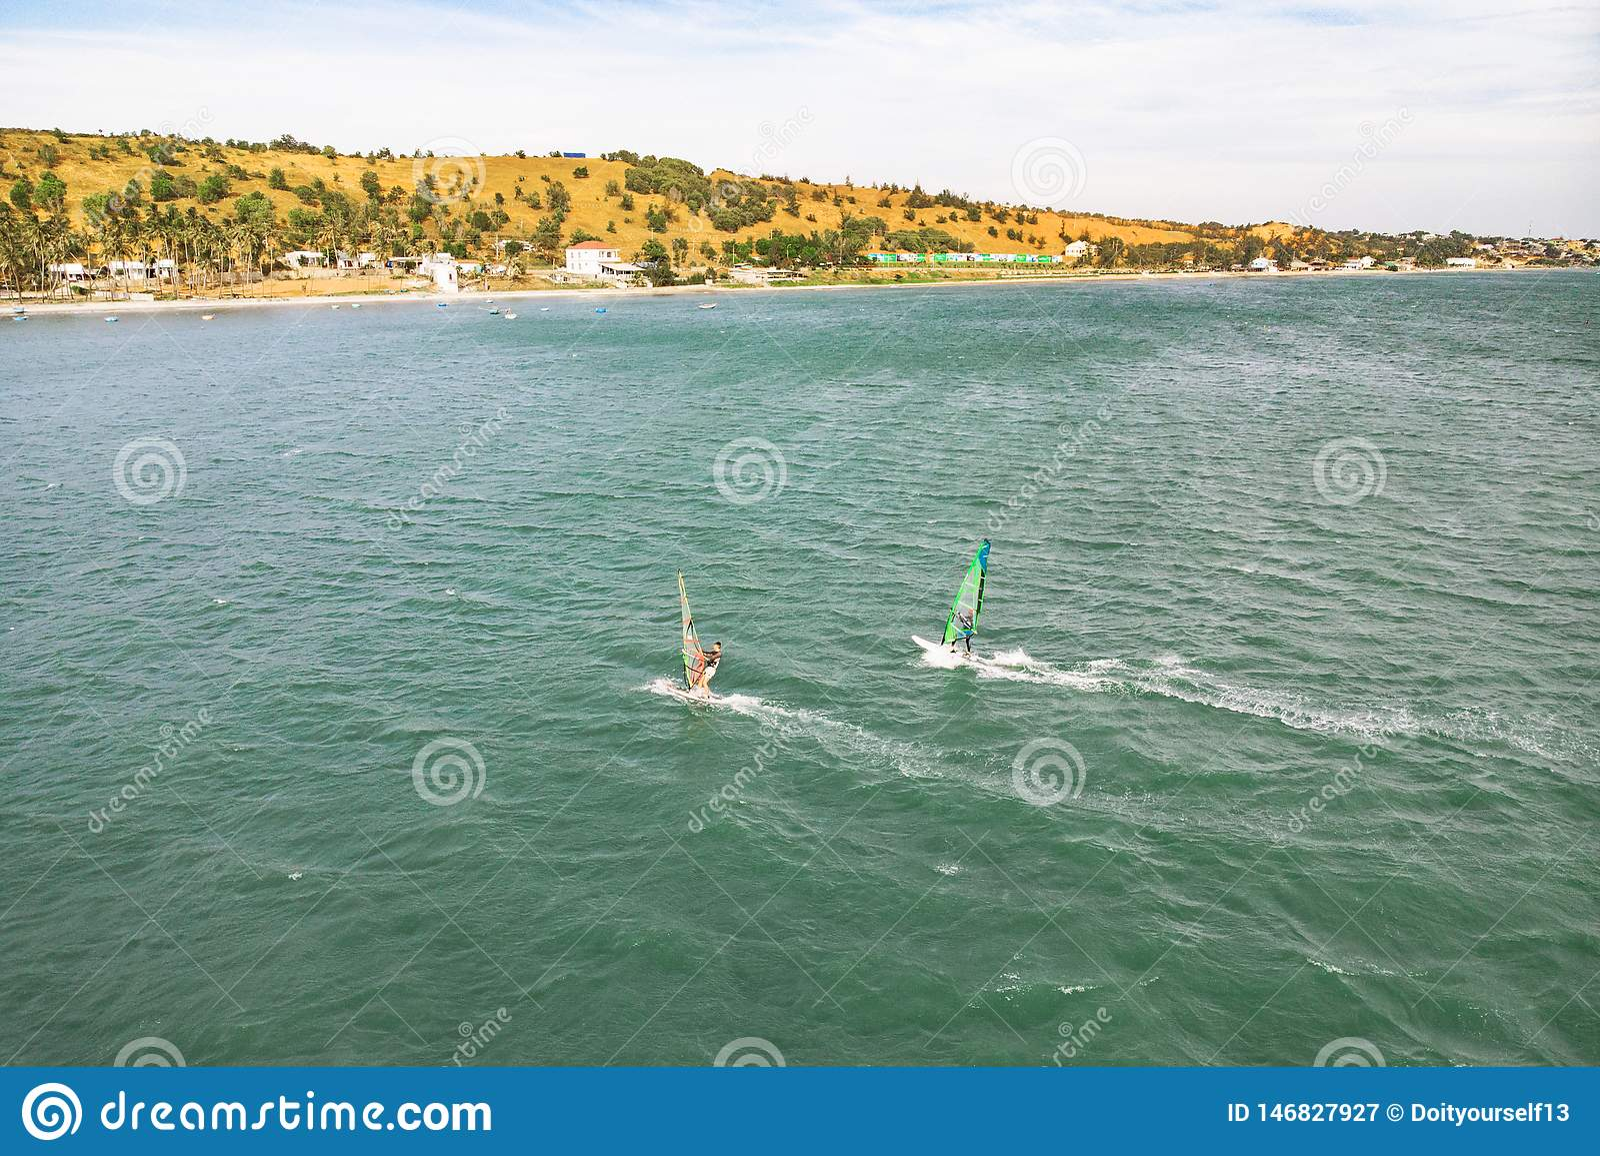 De extreme mensenatleet zwemt op de windbranding op de overzeese golf tegen het blauwe overzees en de horizon Extreme watersporte